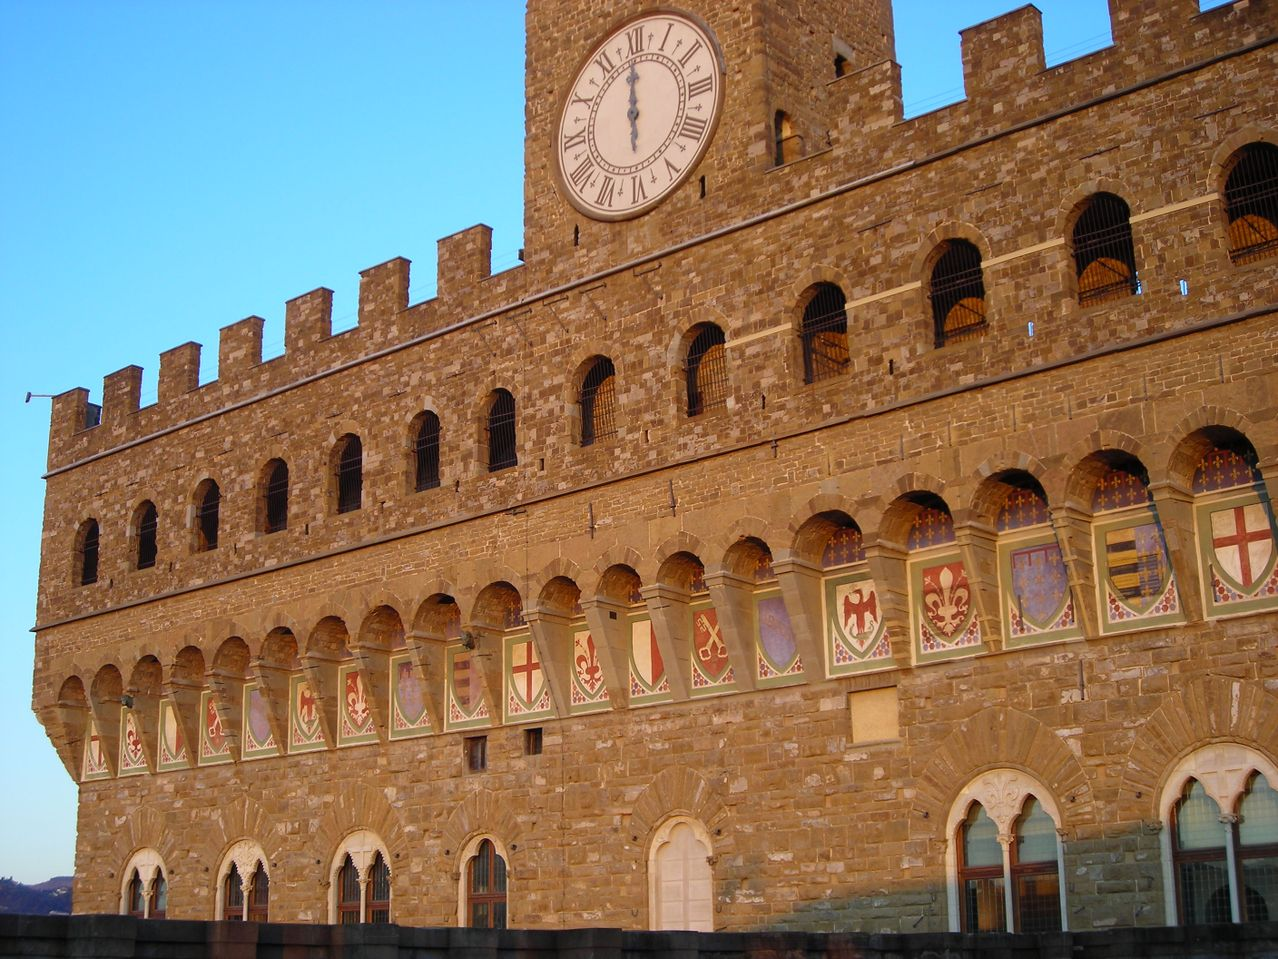 palazzo vecchio particolare